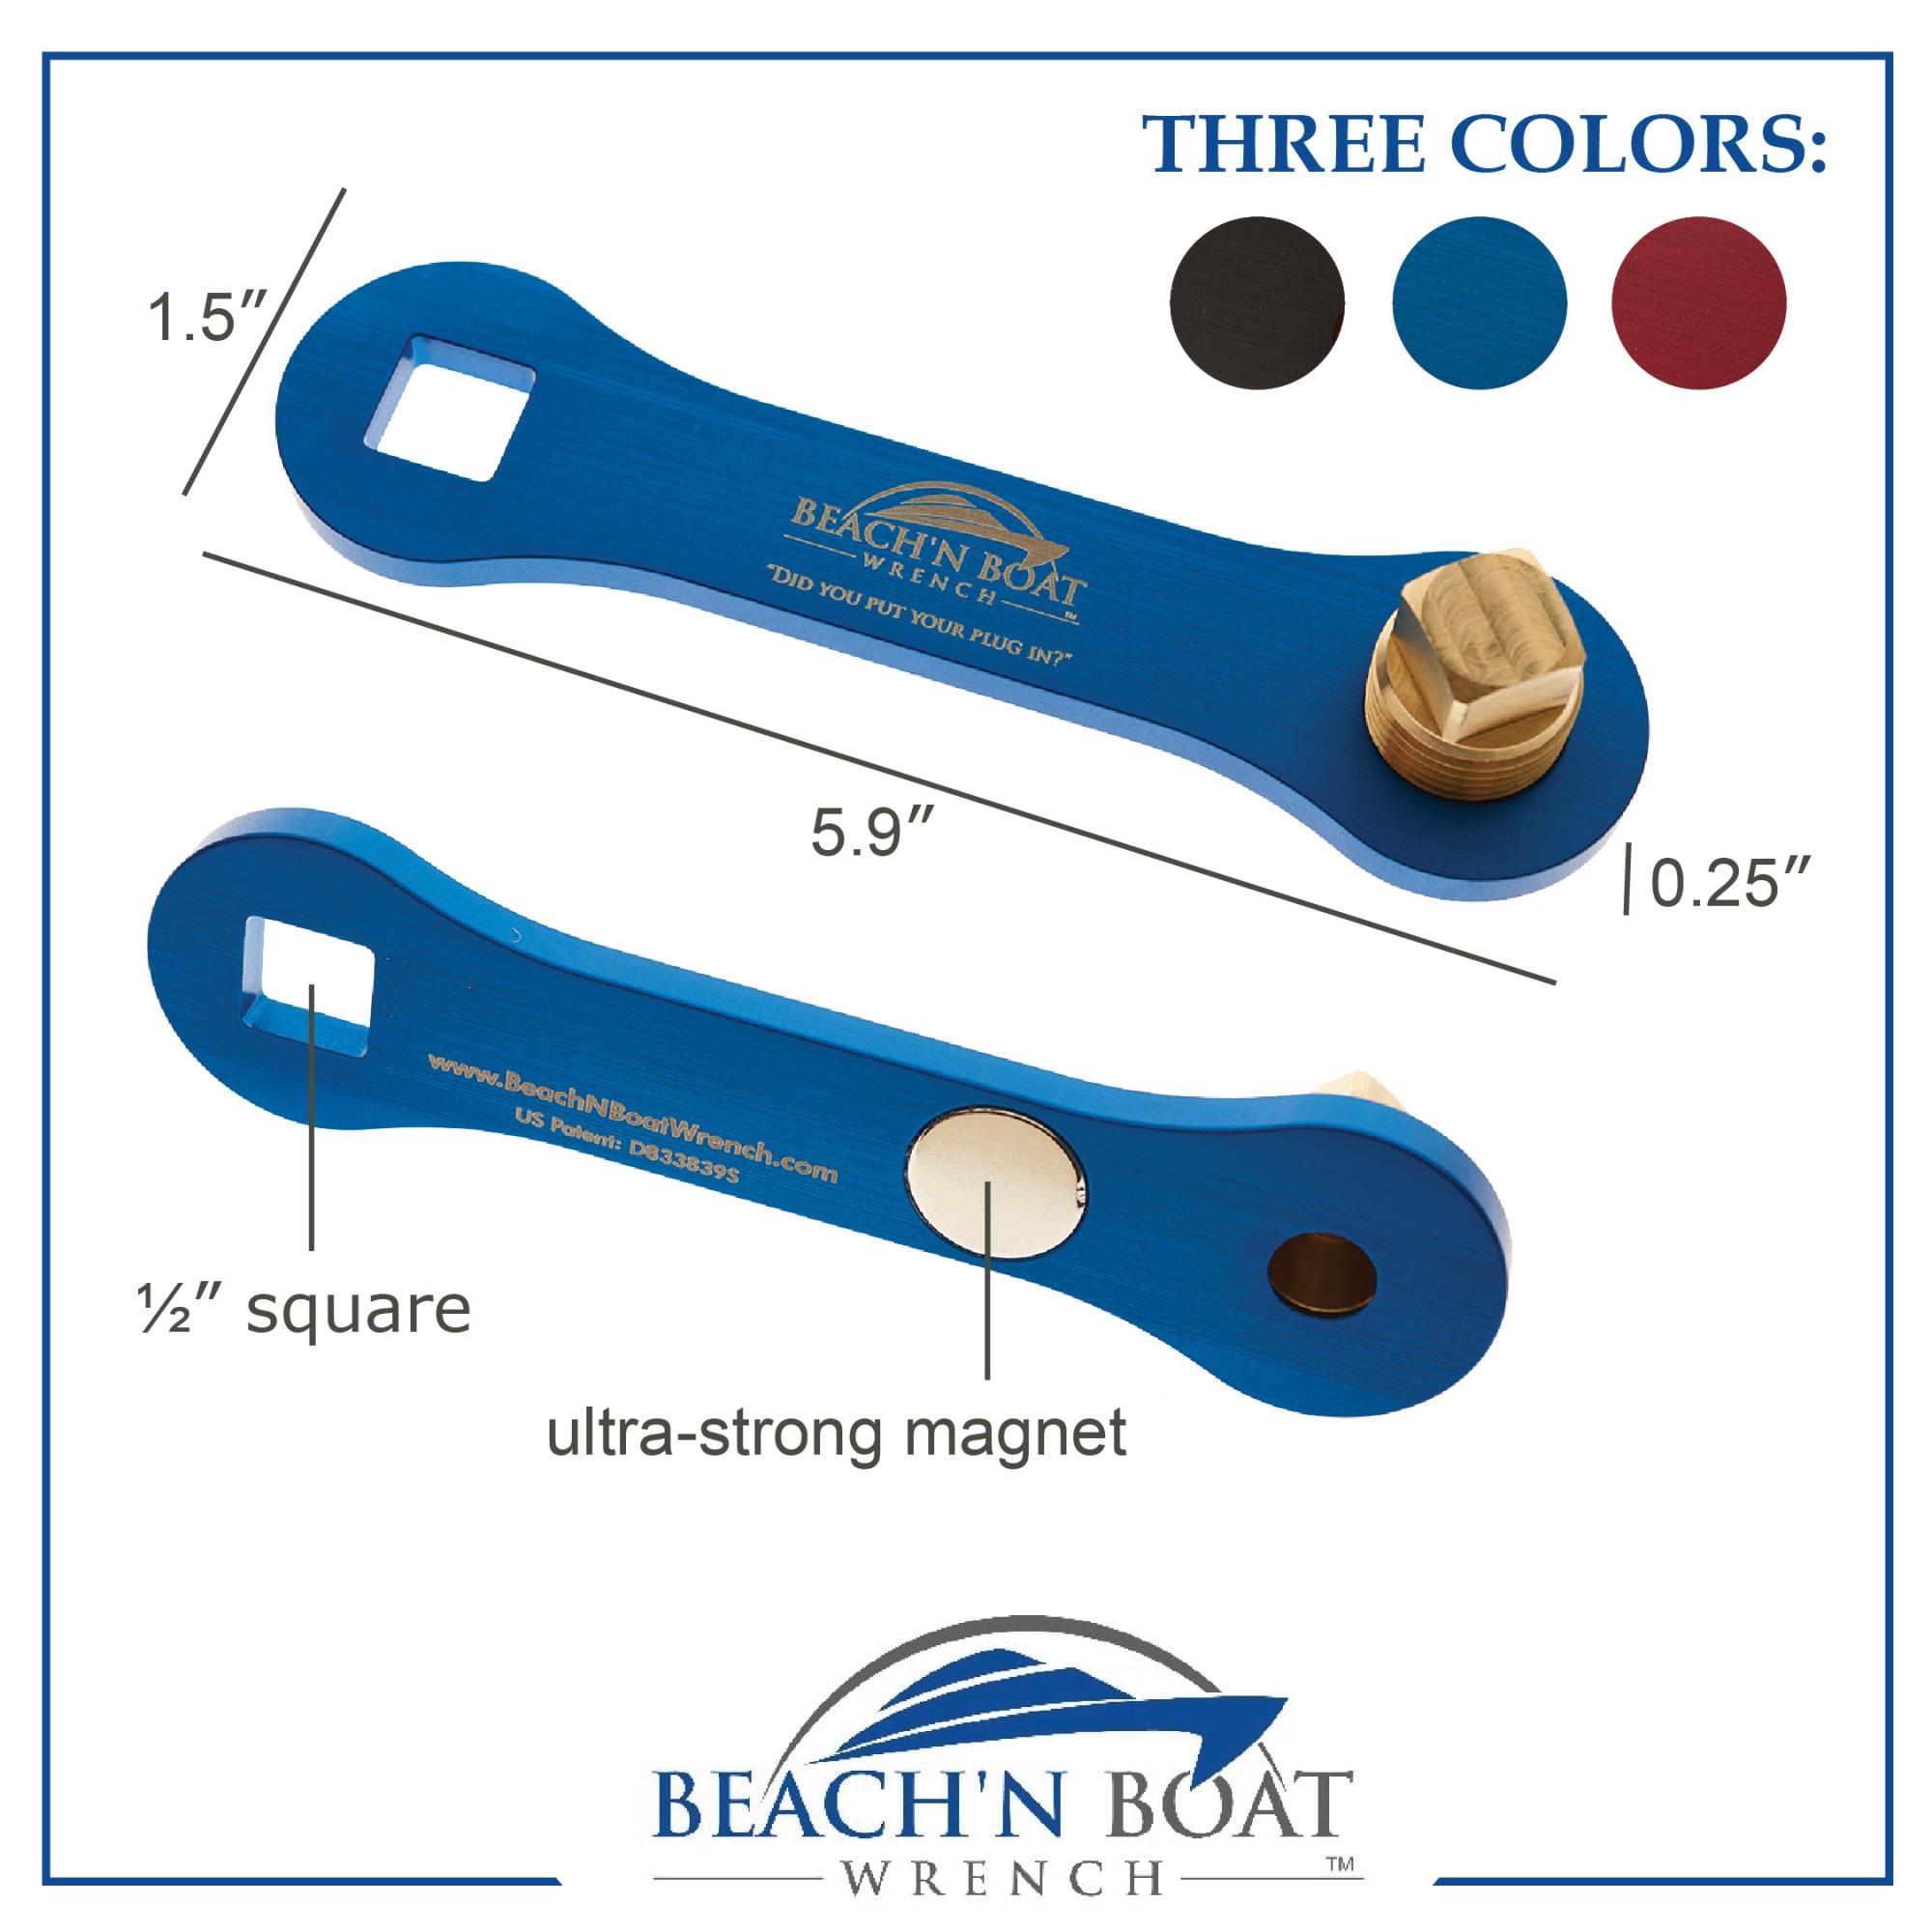 boat-wrench5.jpg